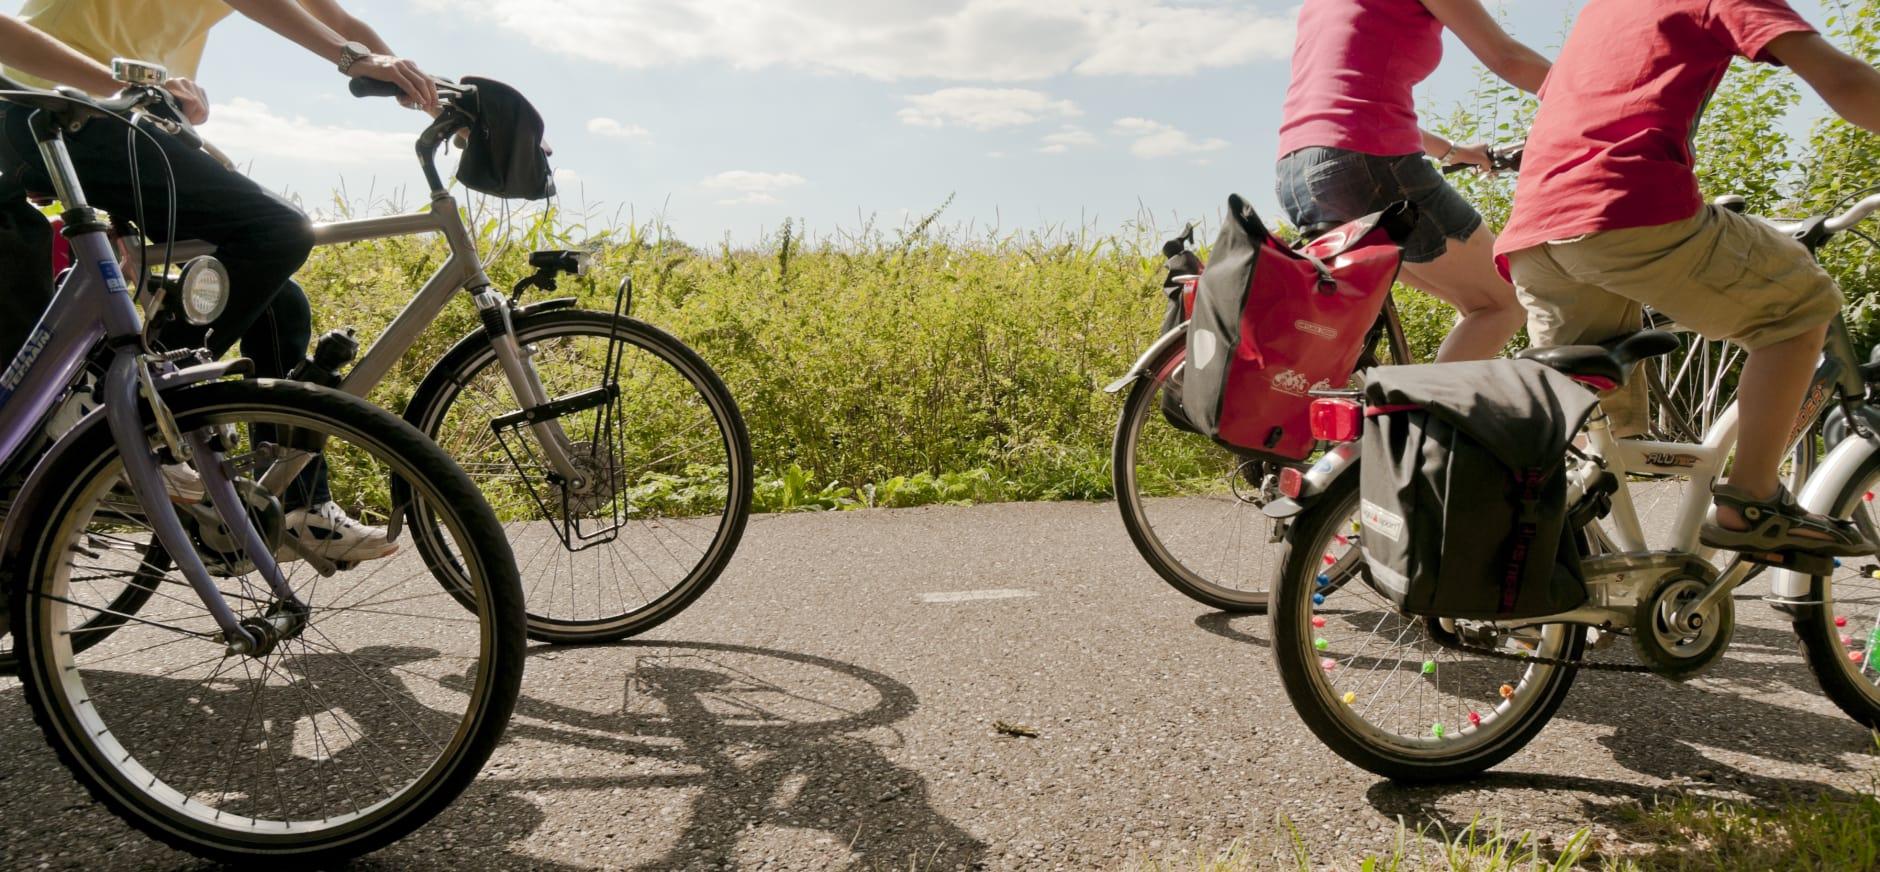 Huur een fiets bij Bezoekerscentrum Gooi en Vechtstreek